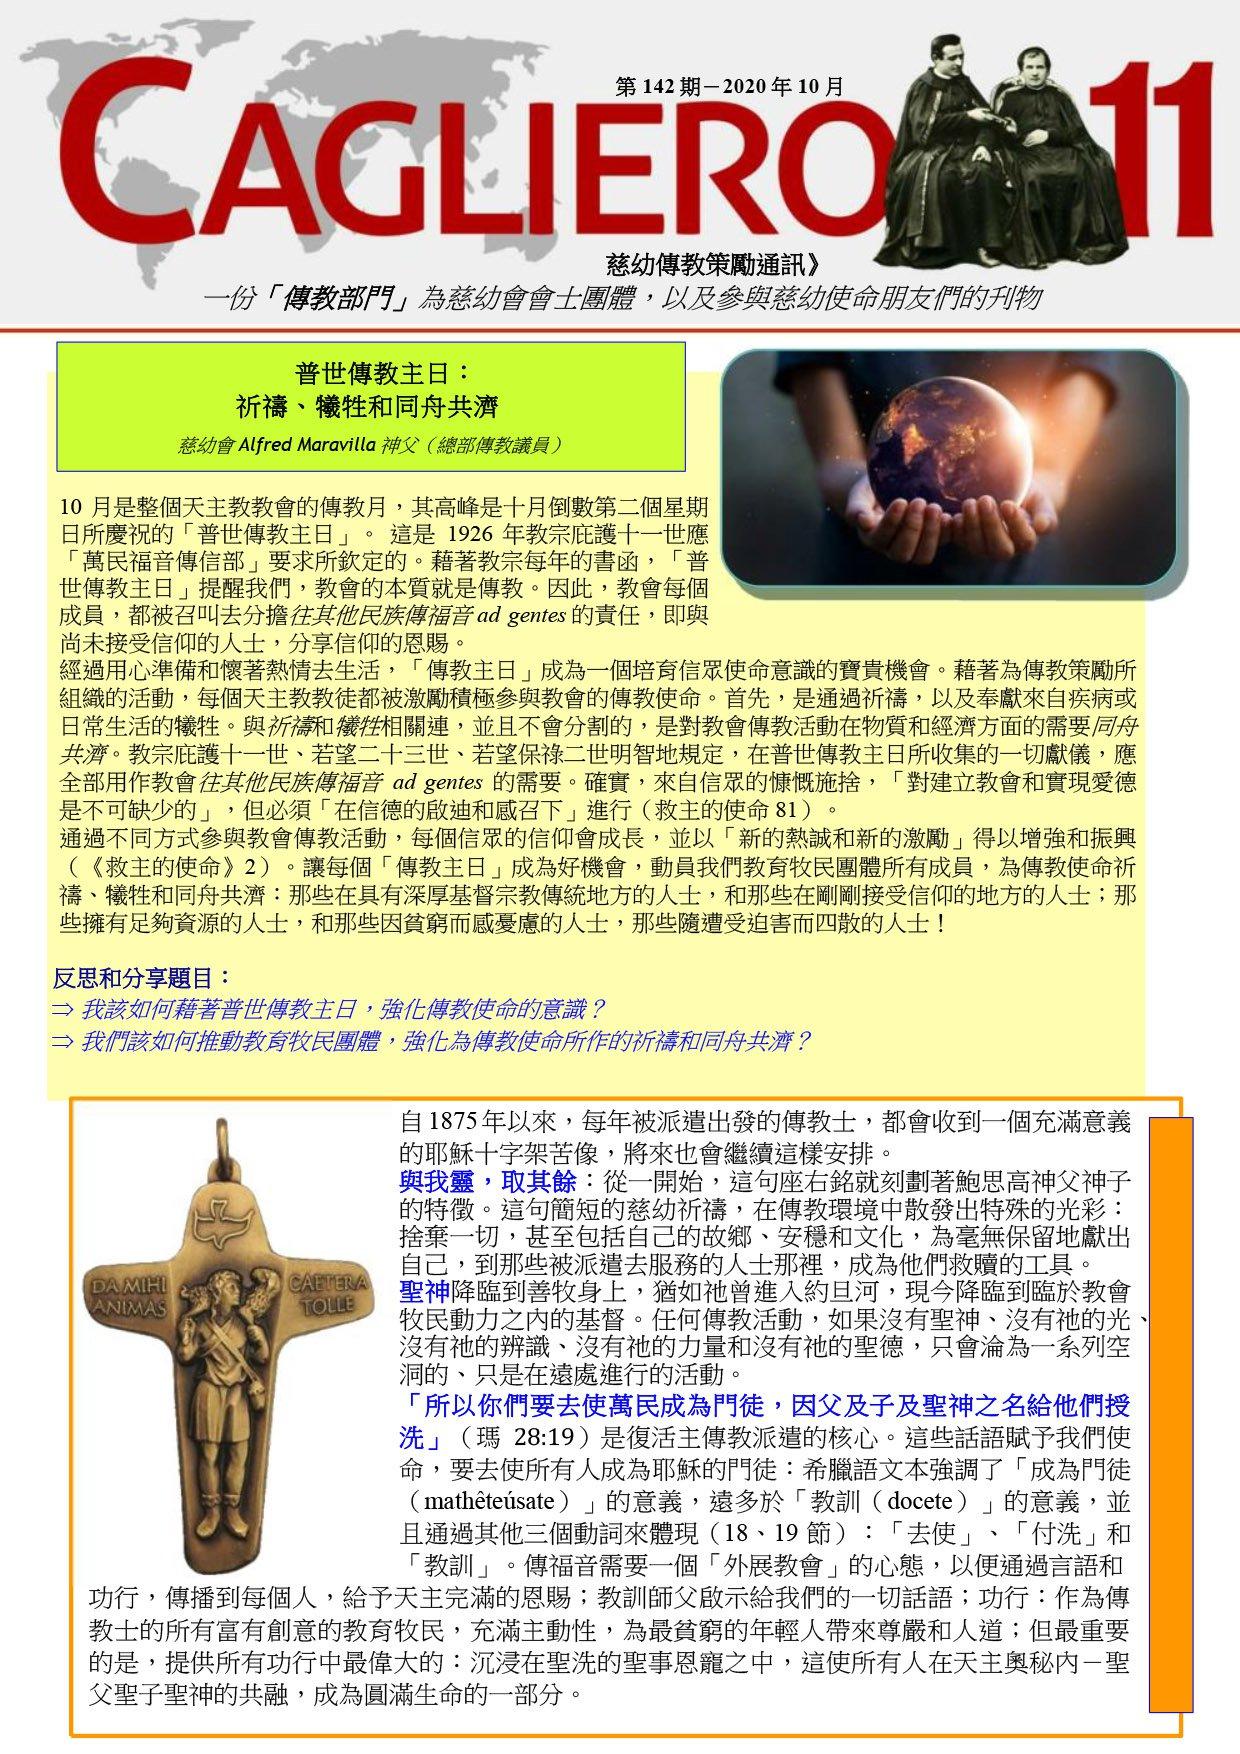 Cagliero 11 2020 10 CHIN-1